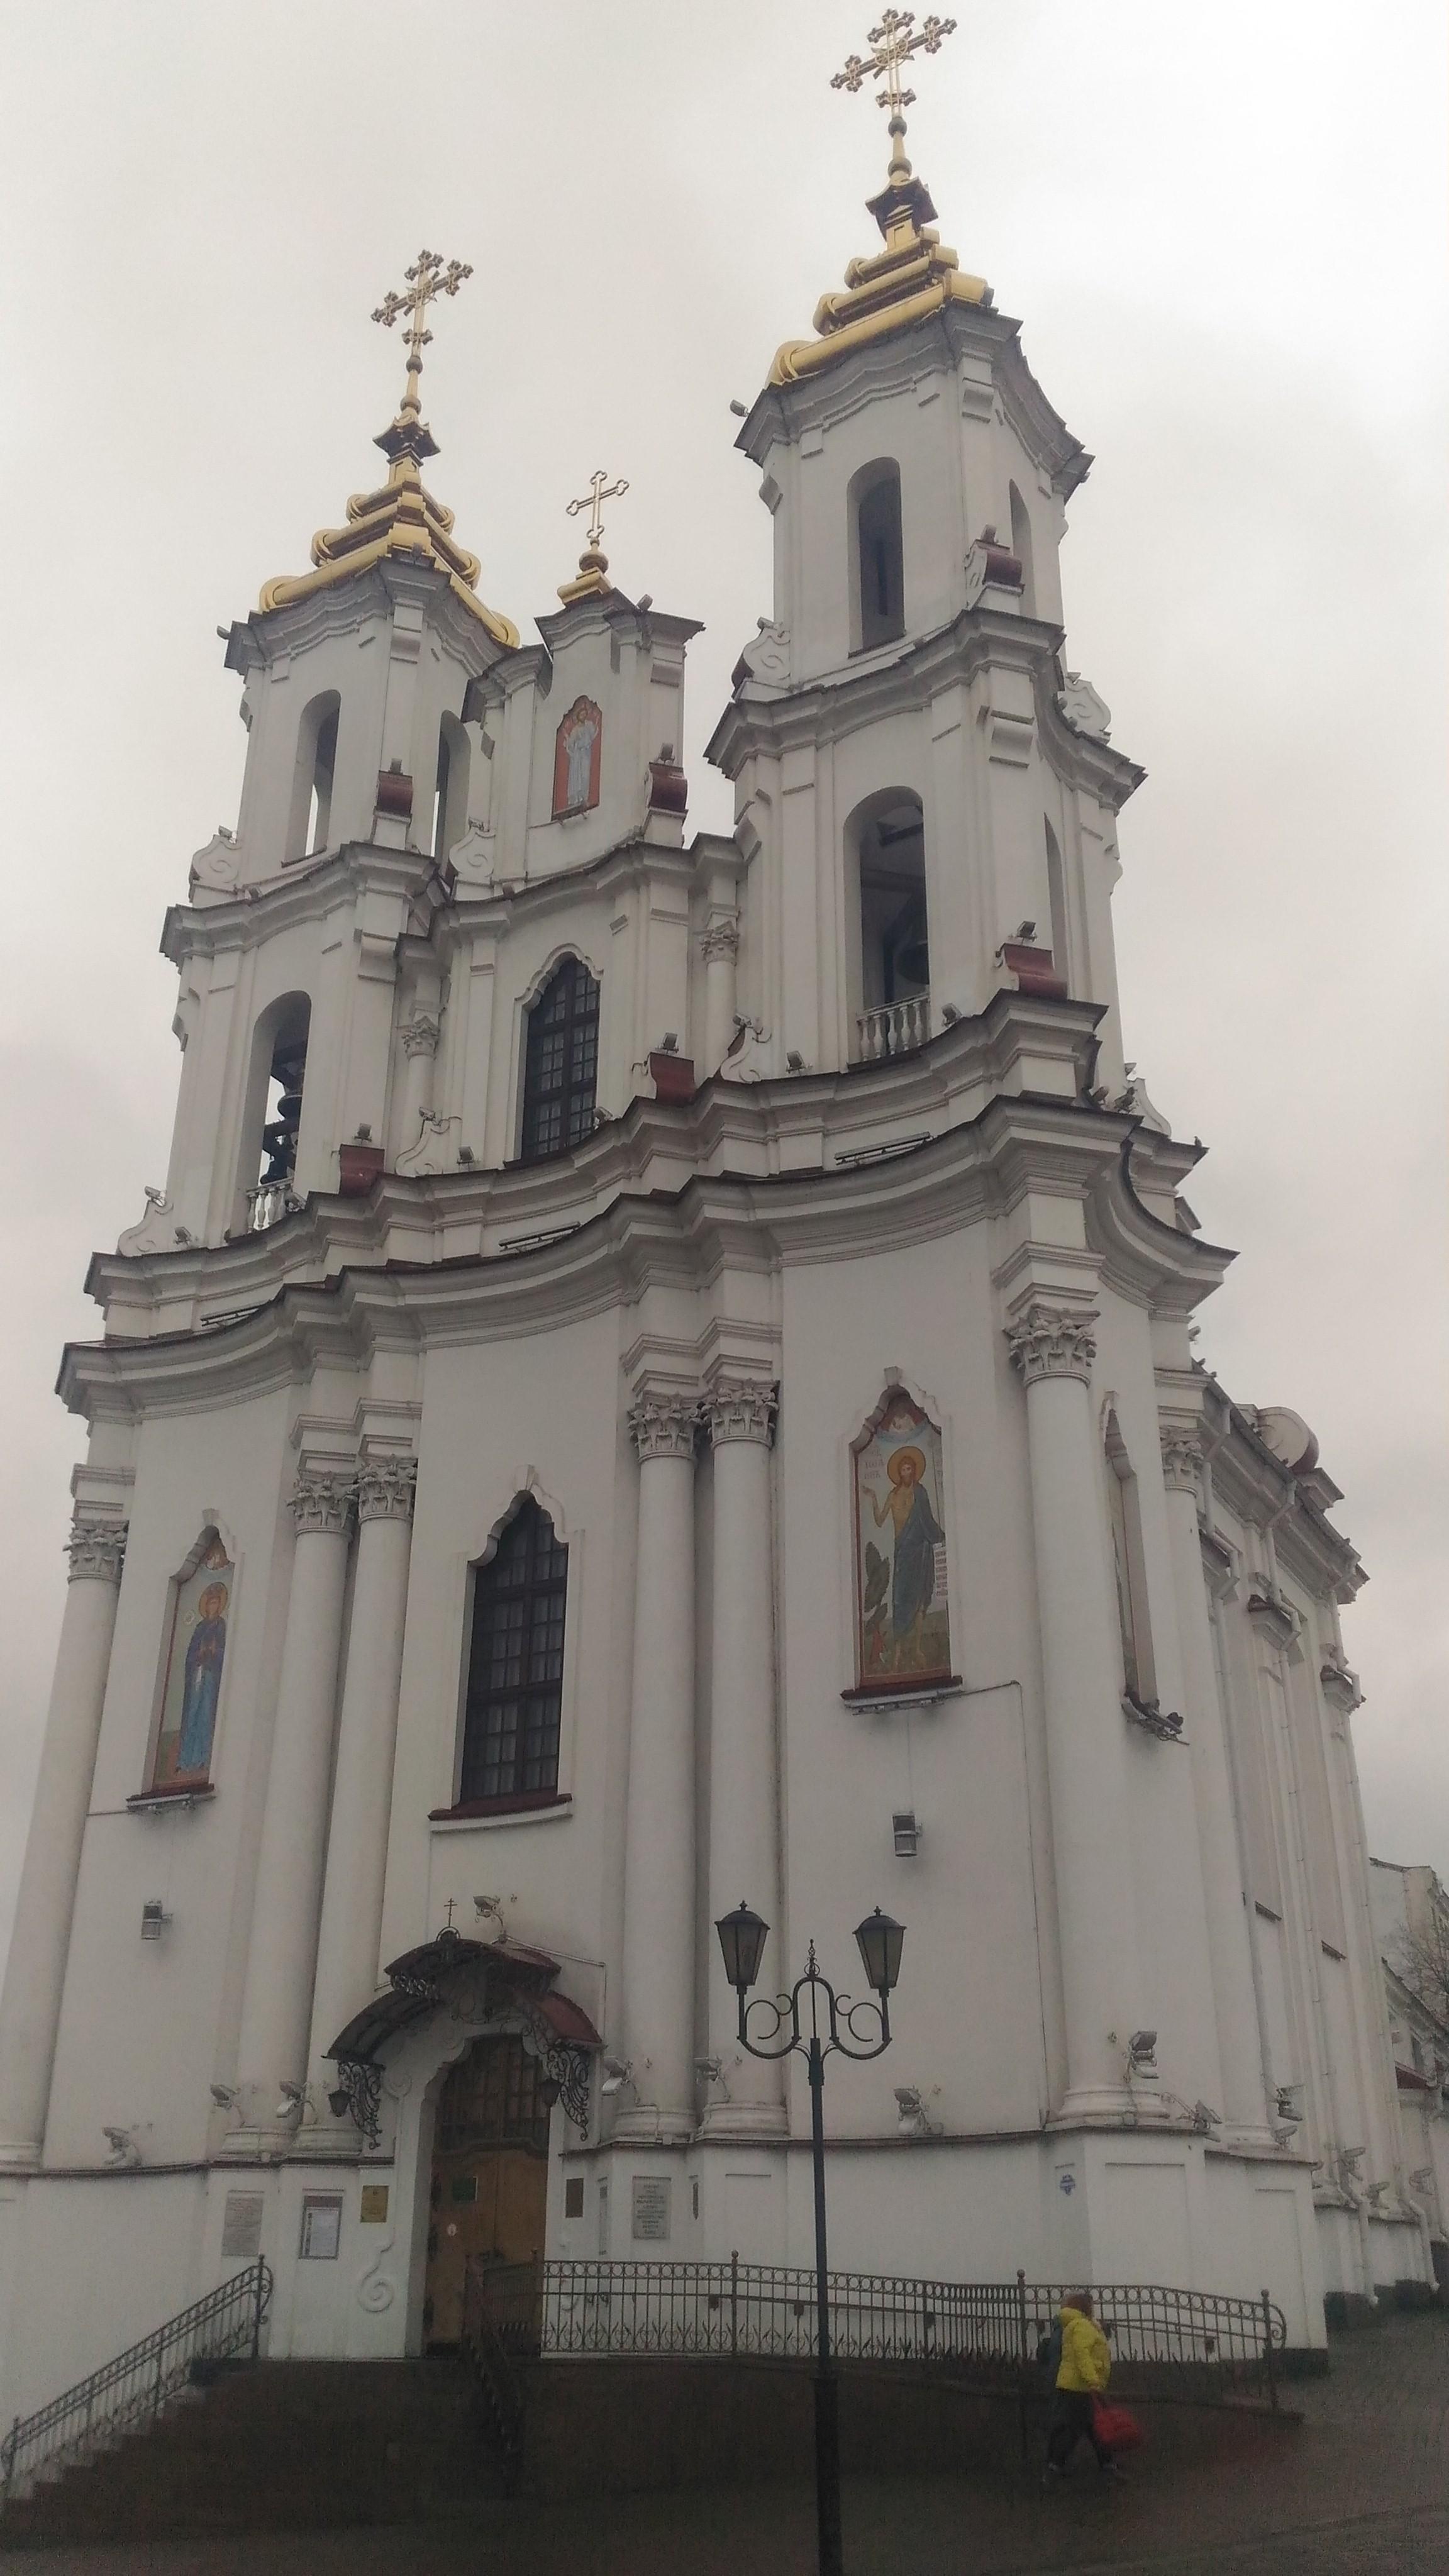 P 20191109 110558 1 - Свято-Воскресенская церковь в Витебске